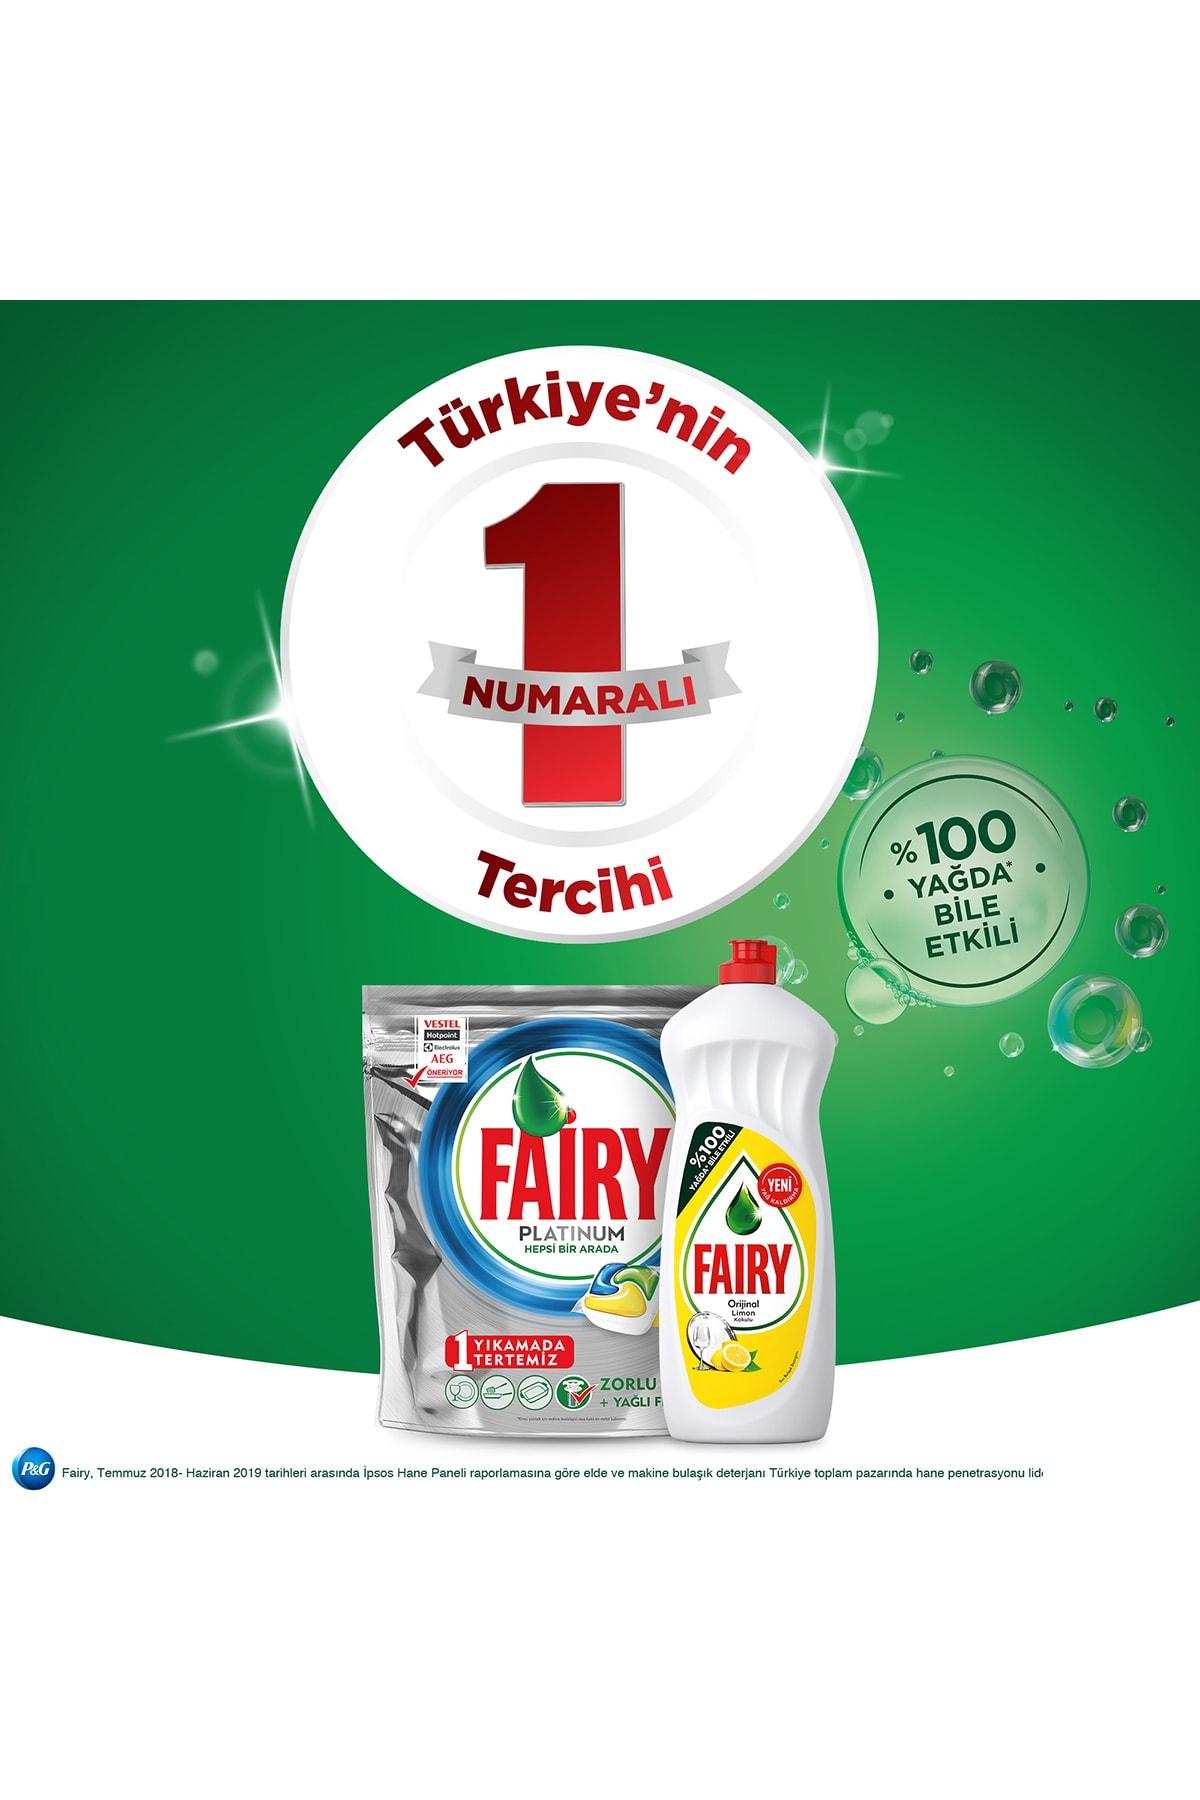 Fairy Platınum 115 Yıkama Bulaşık Makinesi Kapsul Limon Kokulu (beslenme Kutusu Hediye) 4